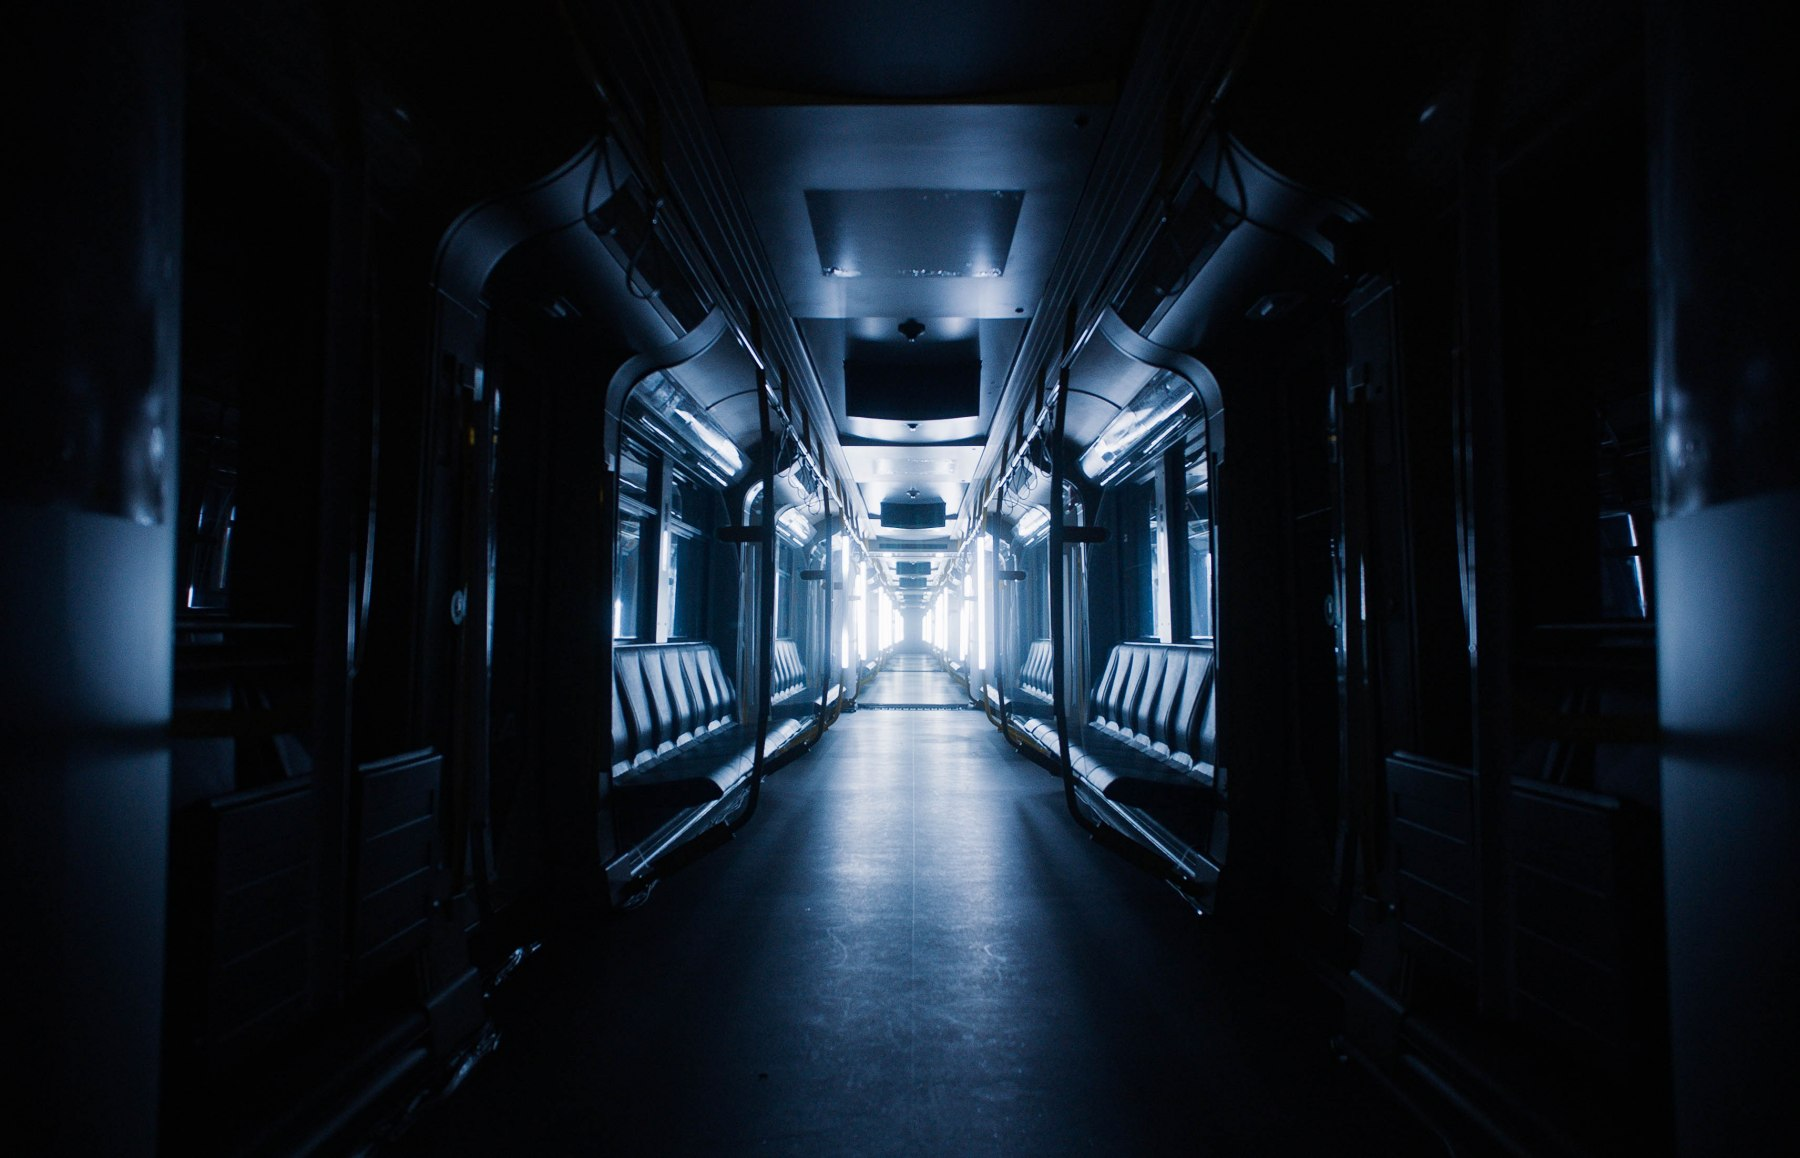 BVG_LichtImSchacht_U-Bahn_01